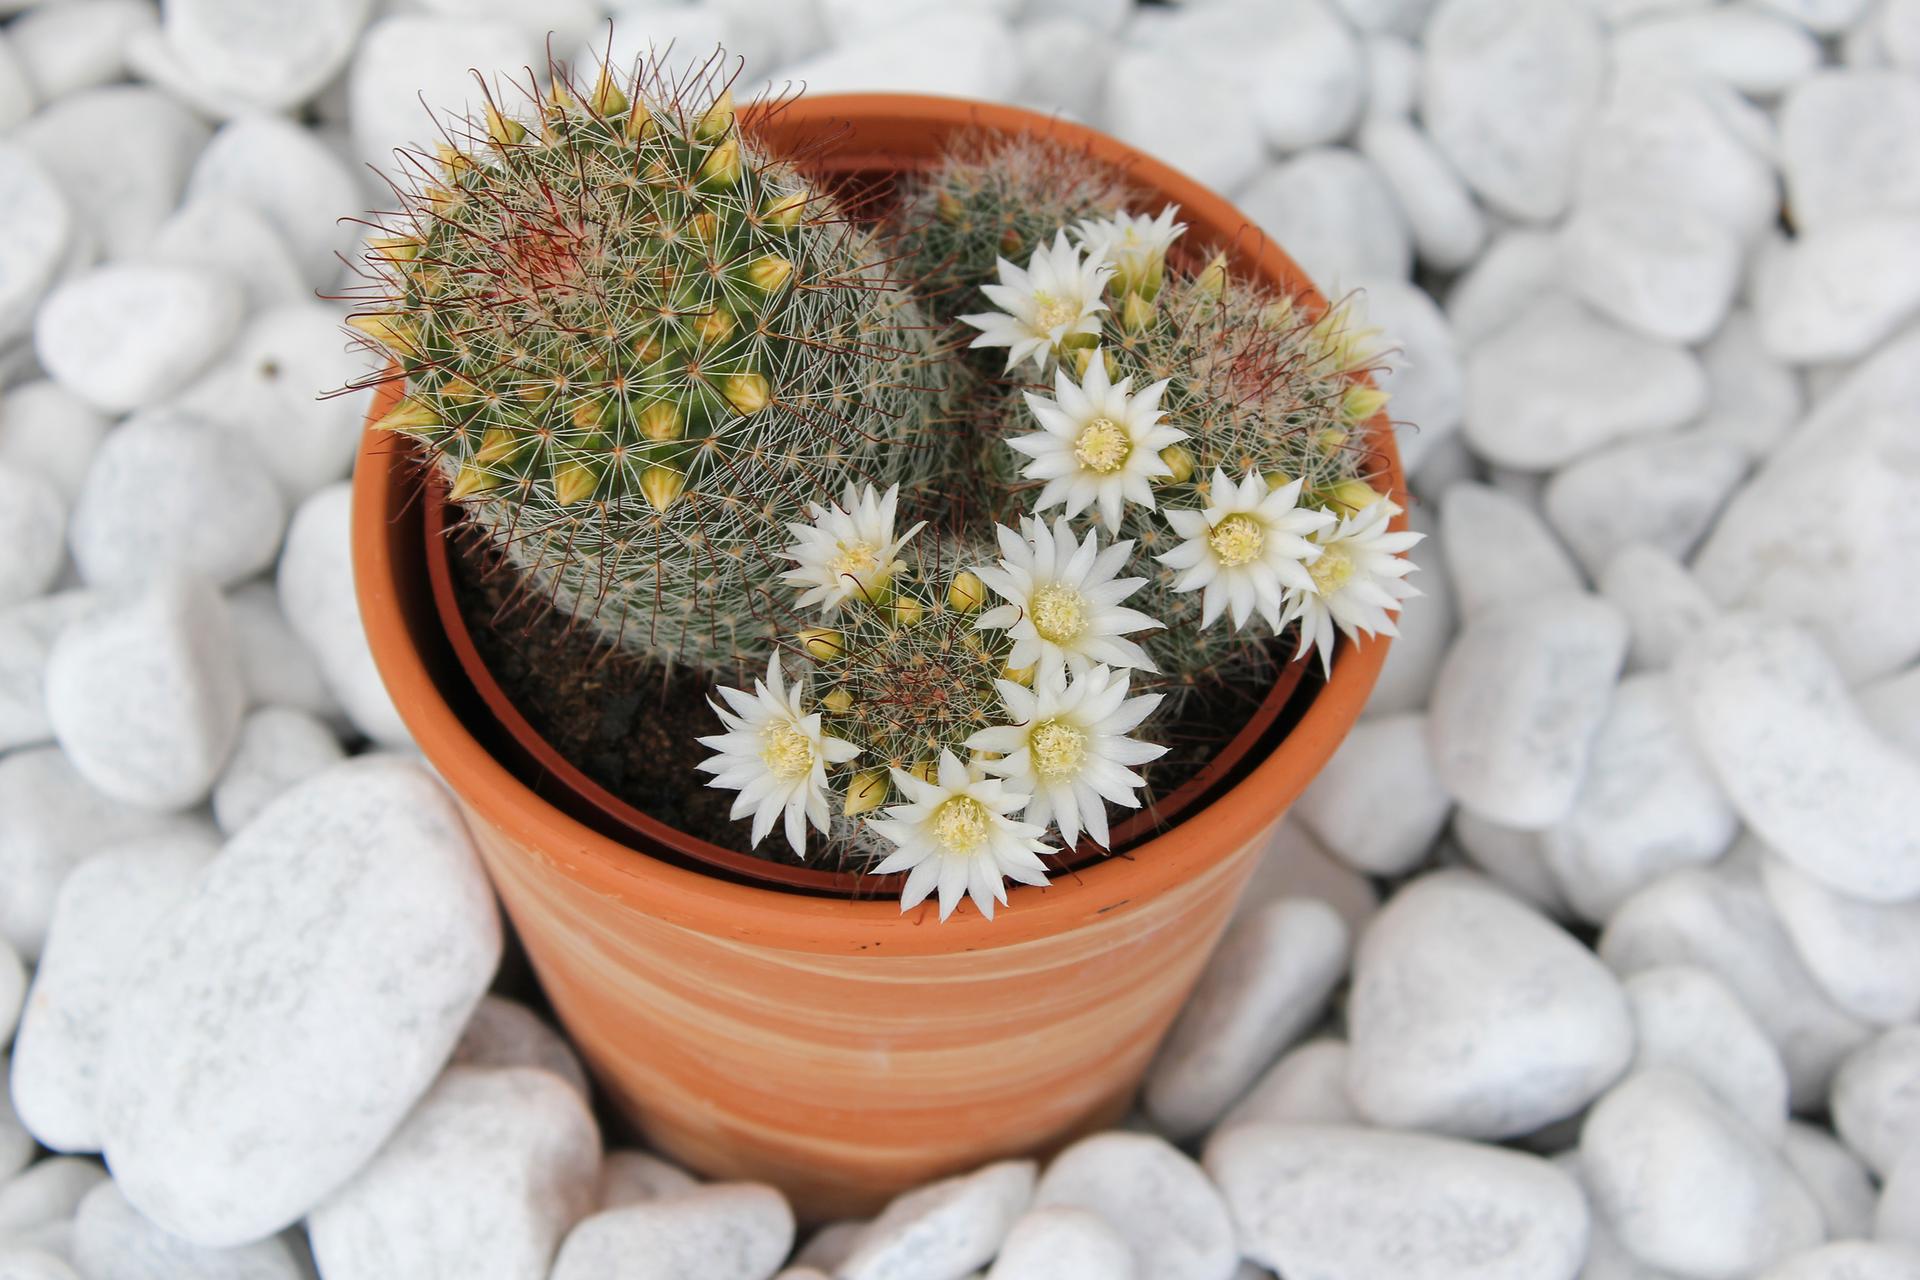 Fotografia prezentuje kwitnącego na biało kaktusa wdoniczce.